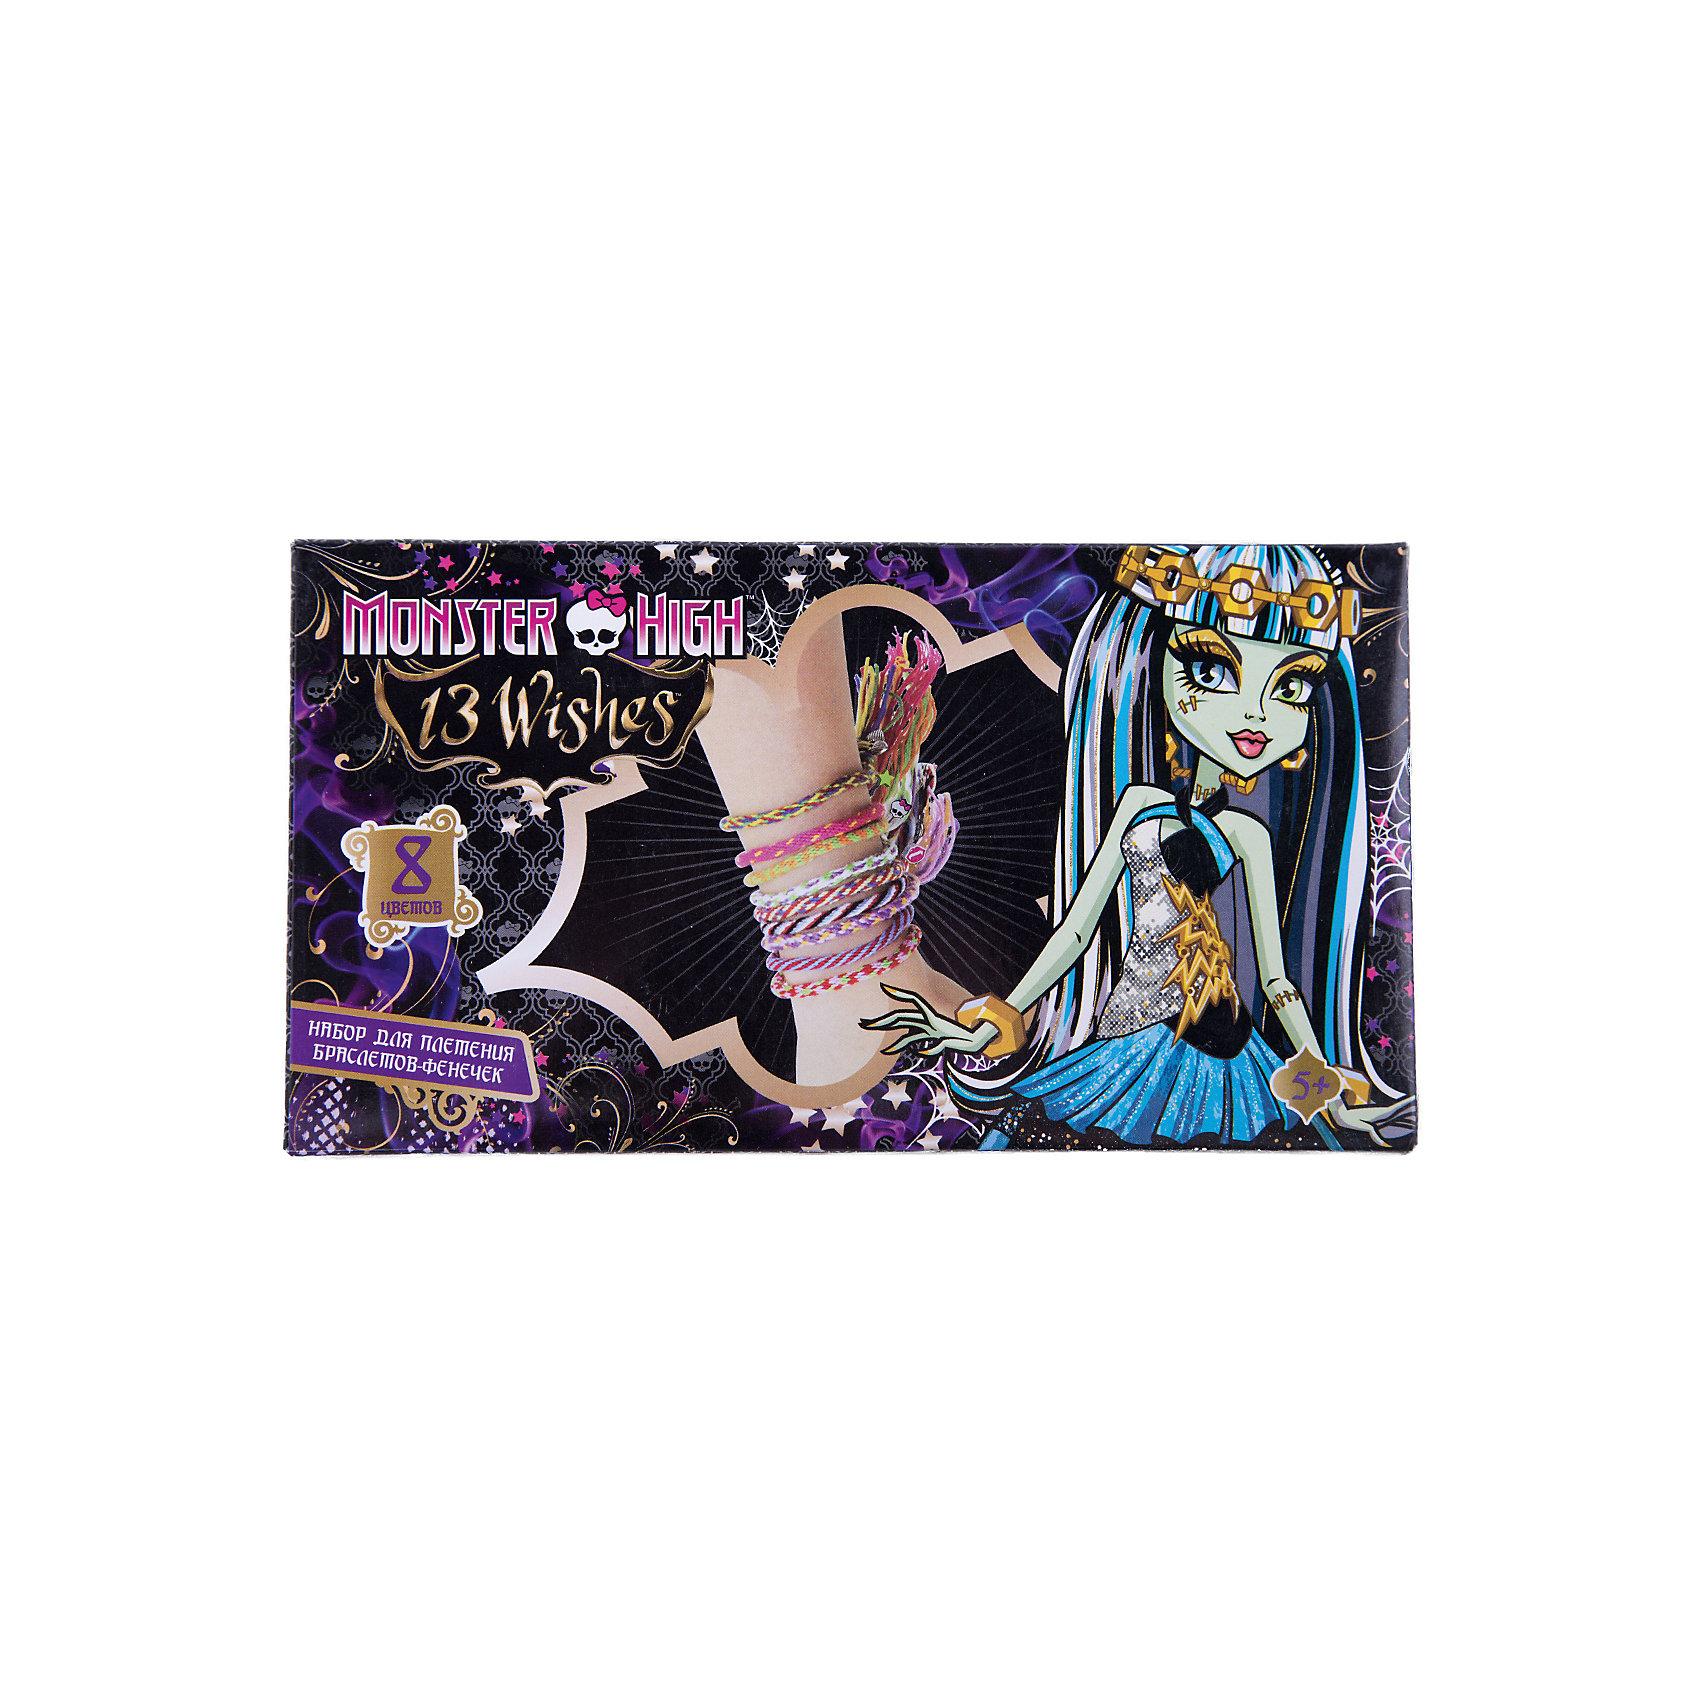 Набор из пластиковых подвесок для браслетов, Monster HighMonster High<br>Набор подвесок для браслетов, Monster High станет отличным подарком для юной модницы. Набор выполнен по мотивам популярного мультсериала Школа монстров и оформлен в упаковку с изображением одной из его героинь. В комплекте Вы найдете все необходимое для создания оригинальных украшений в стиле Monster High: разноцветные нитки<br>мулине и диск для плетения браслетов.<br><br>Дополнительная информация:<br><br>- В комплекте: нитки мулине, диск для плетения из пенопласта.<br>- Размер упаковки: 3,5 х 12 х 22,1 см.<br><br>Набор подвесок для браслетов, Monster High (Монстр Хай) можно купить в нашем интернет-магазине.<br><br>Ширина мм: 221<br>Глубина мм: 120<br>Высота мм: 35<br>Вес г: 200<br>Возраст от месяцев: 36<br>Возраст до месяцев: 144<br>Пол: Женский<br>Возраст: Детский<br>SKU: 3866743